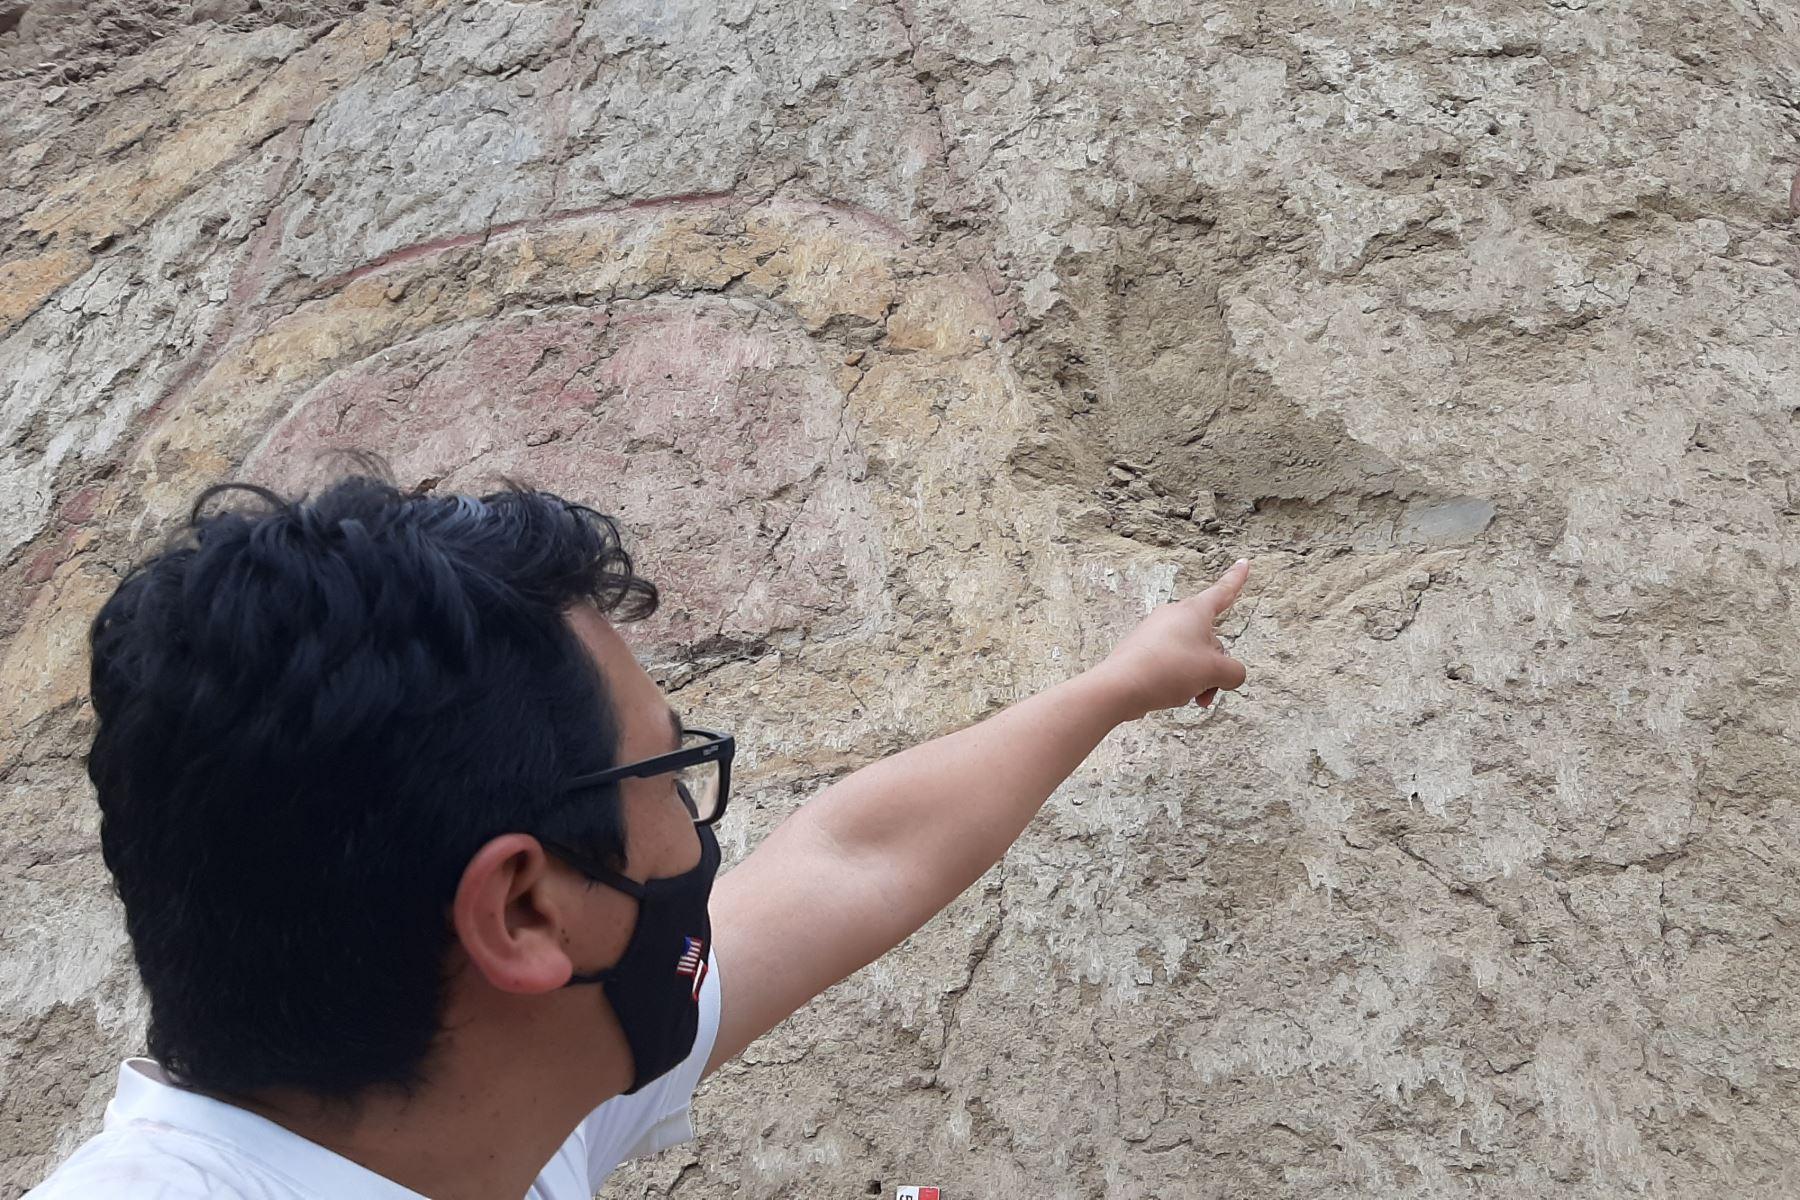 Investigadores realizaron un importante hallazgo arqueológico en La Libertad, al descubrir un pintura mural de más de 3,200 años en el valle de Virú. Foto: Luis Puell